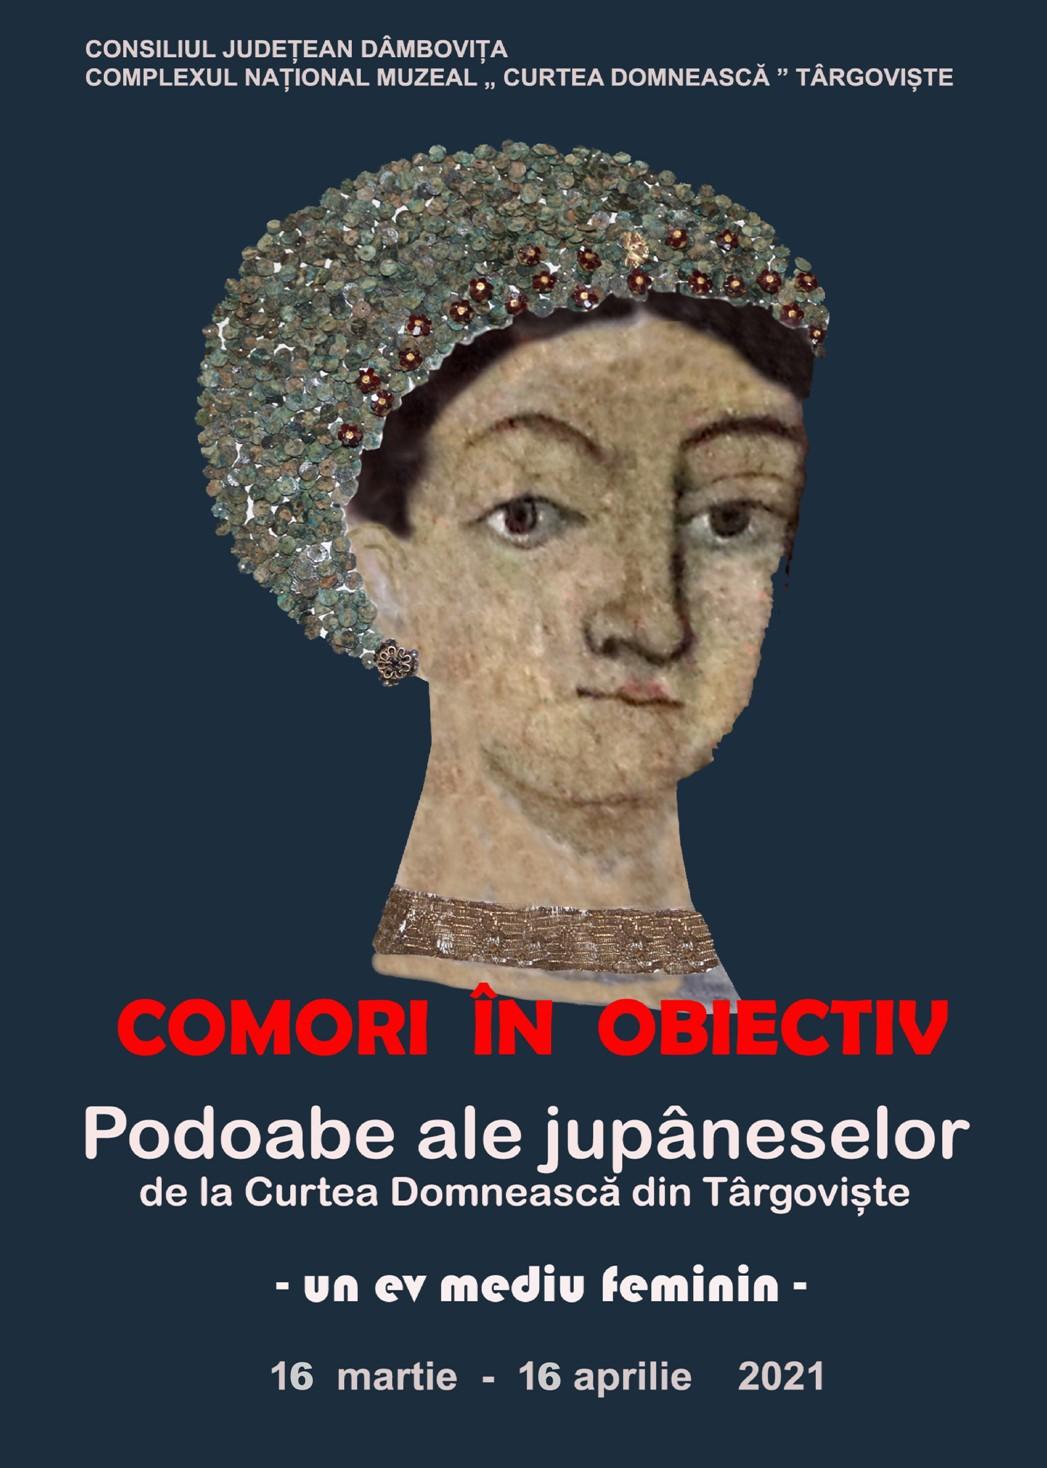 Comori în obiectiv: Podoabe ale jupâneselor de la Curtea Domnească din Târgovişte - un ev mediu feminin -